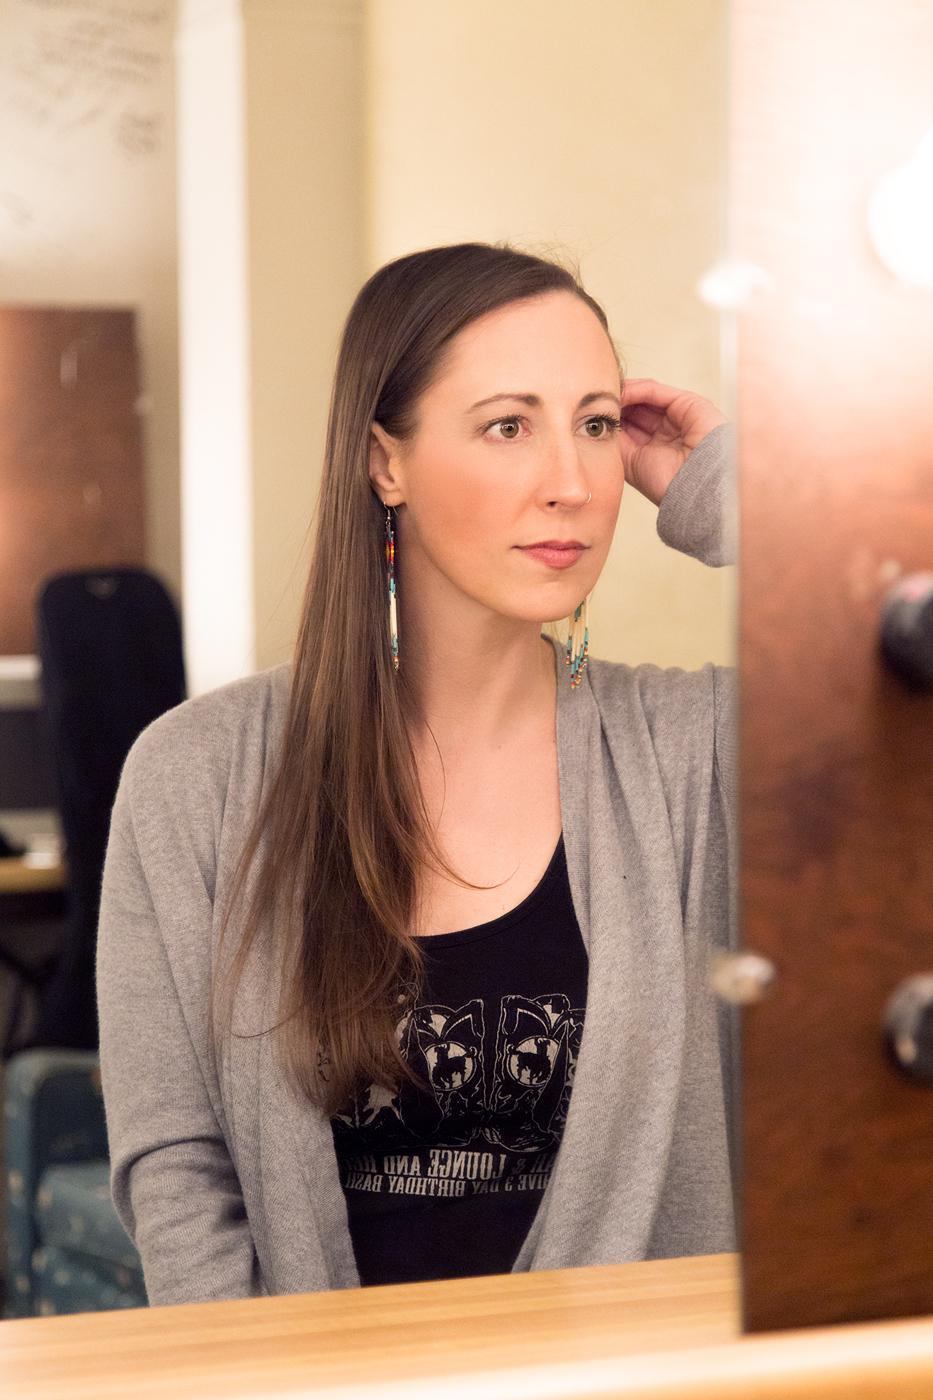 Katie Powderly Backstage